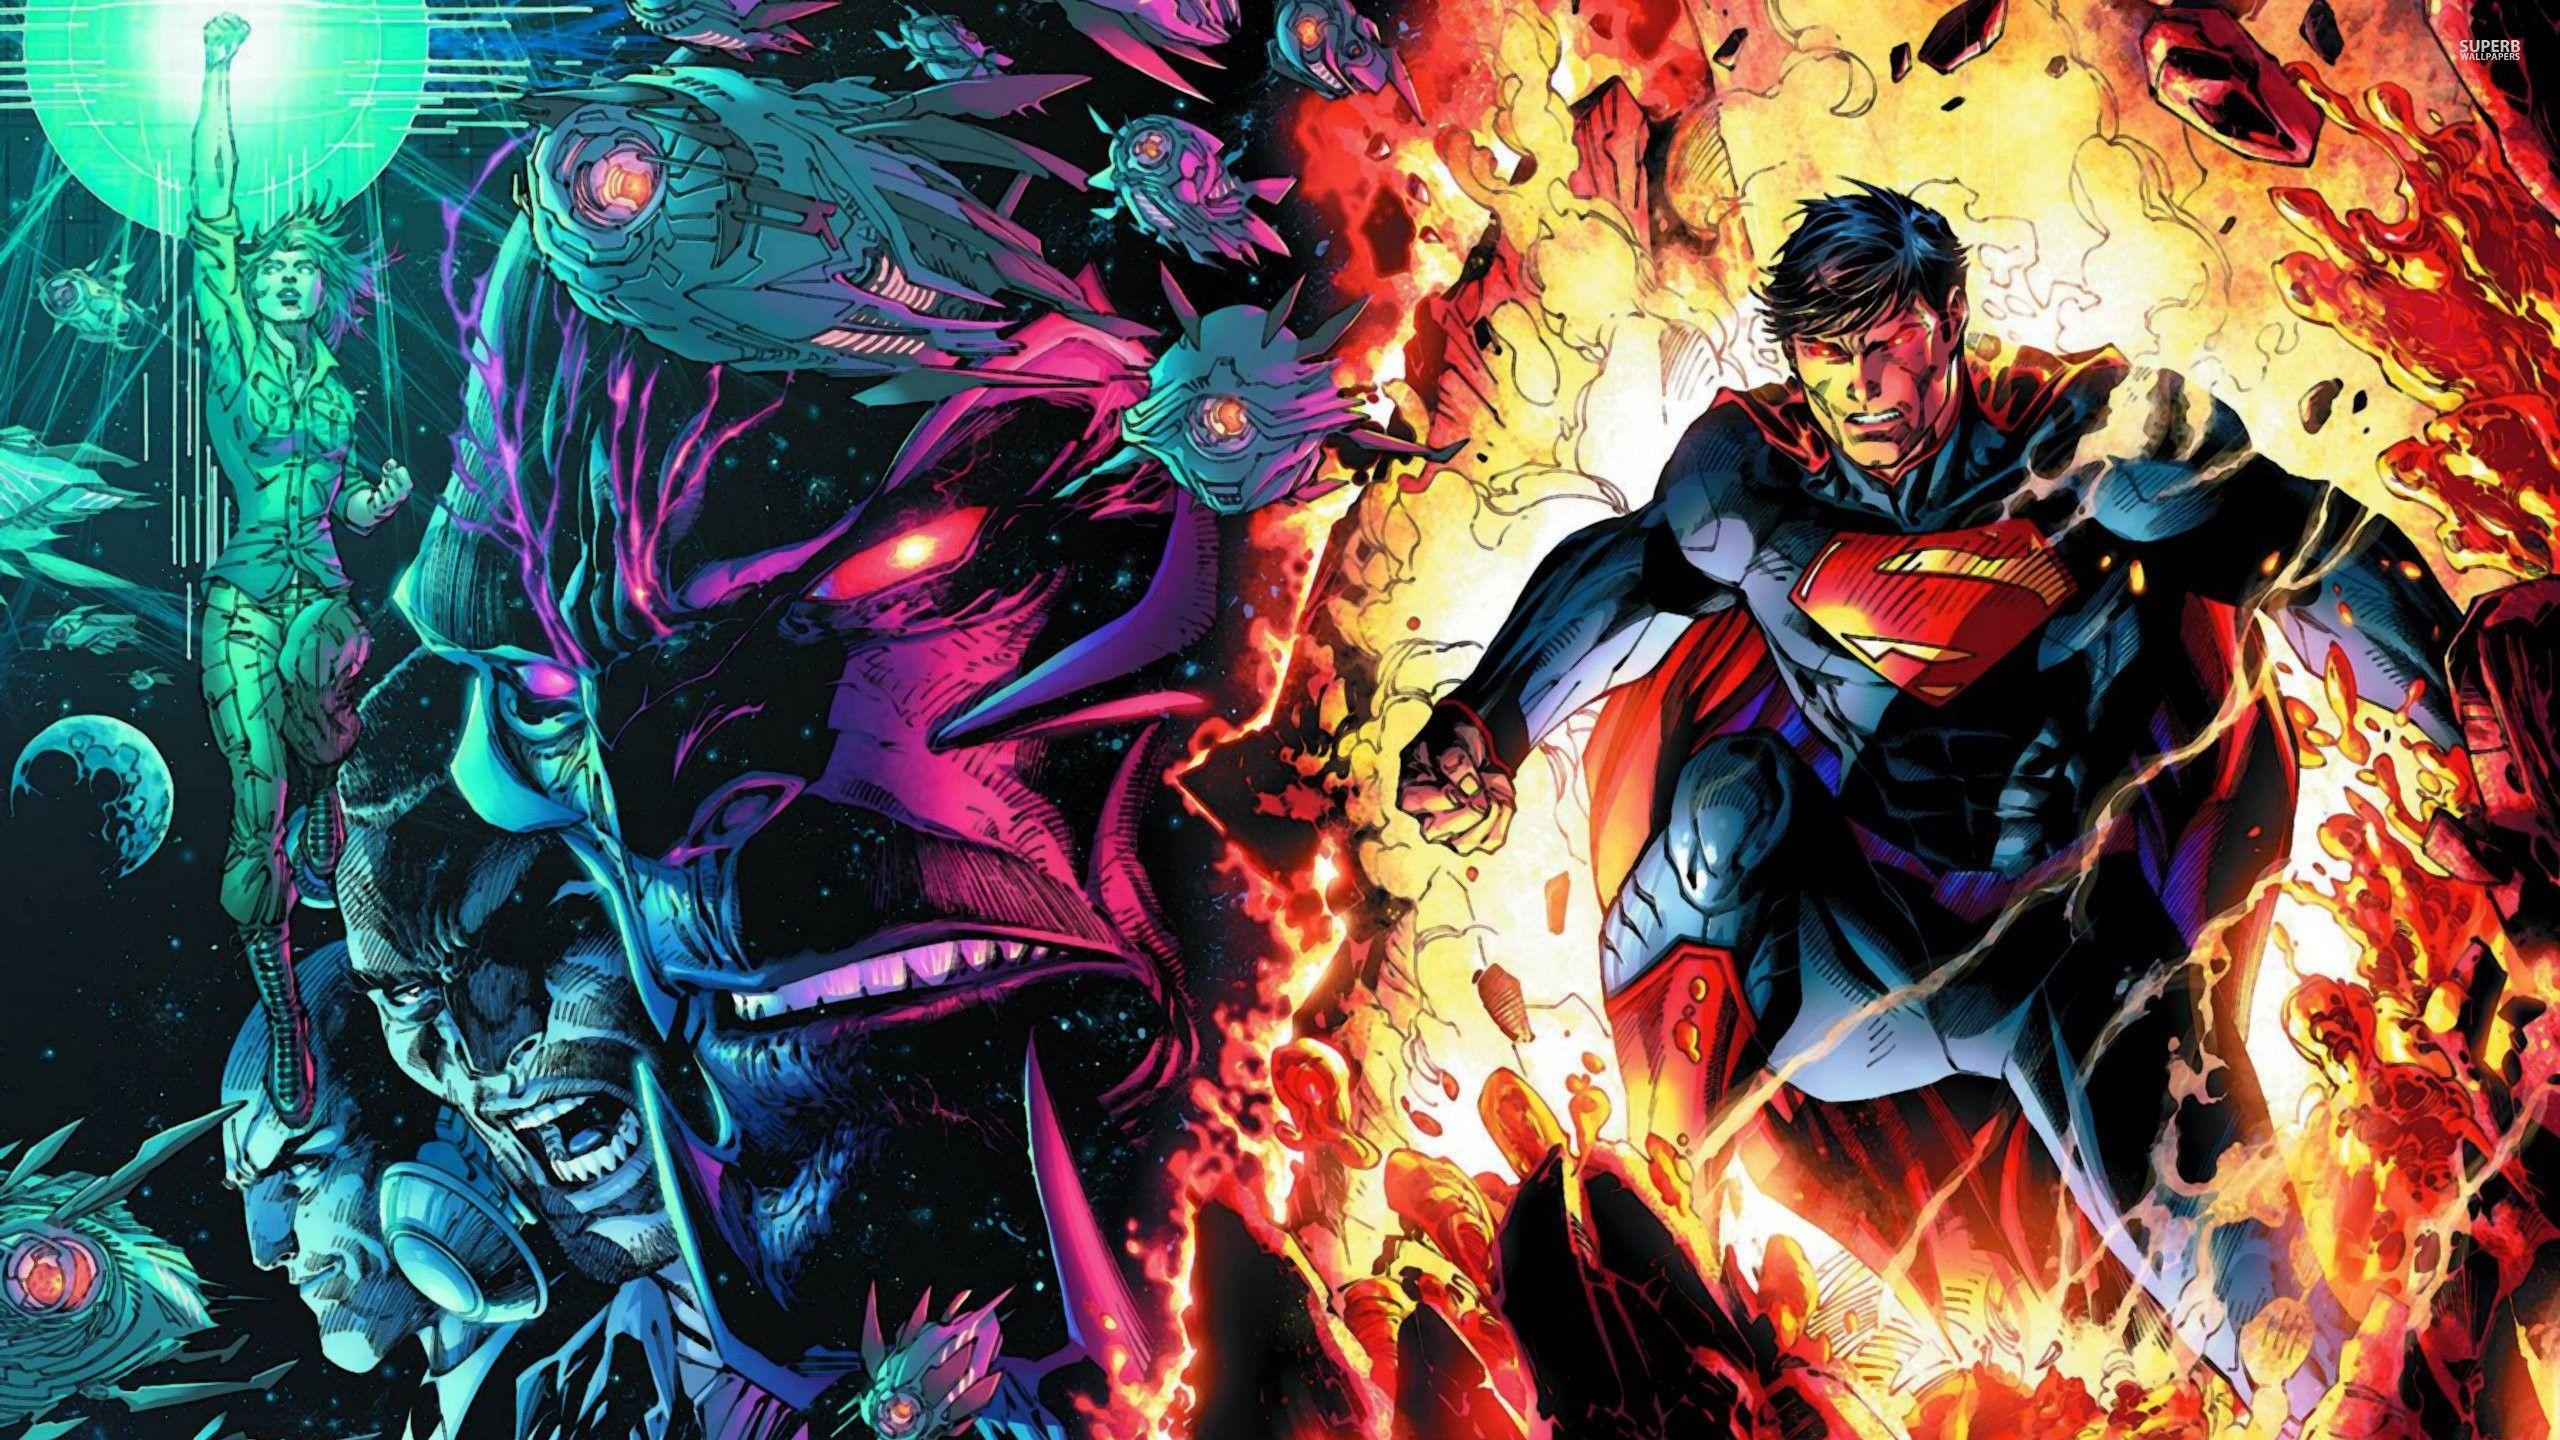 1239x864 DC Comics New 52 Wallpaper